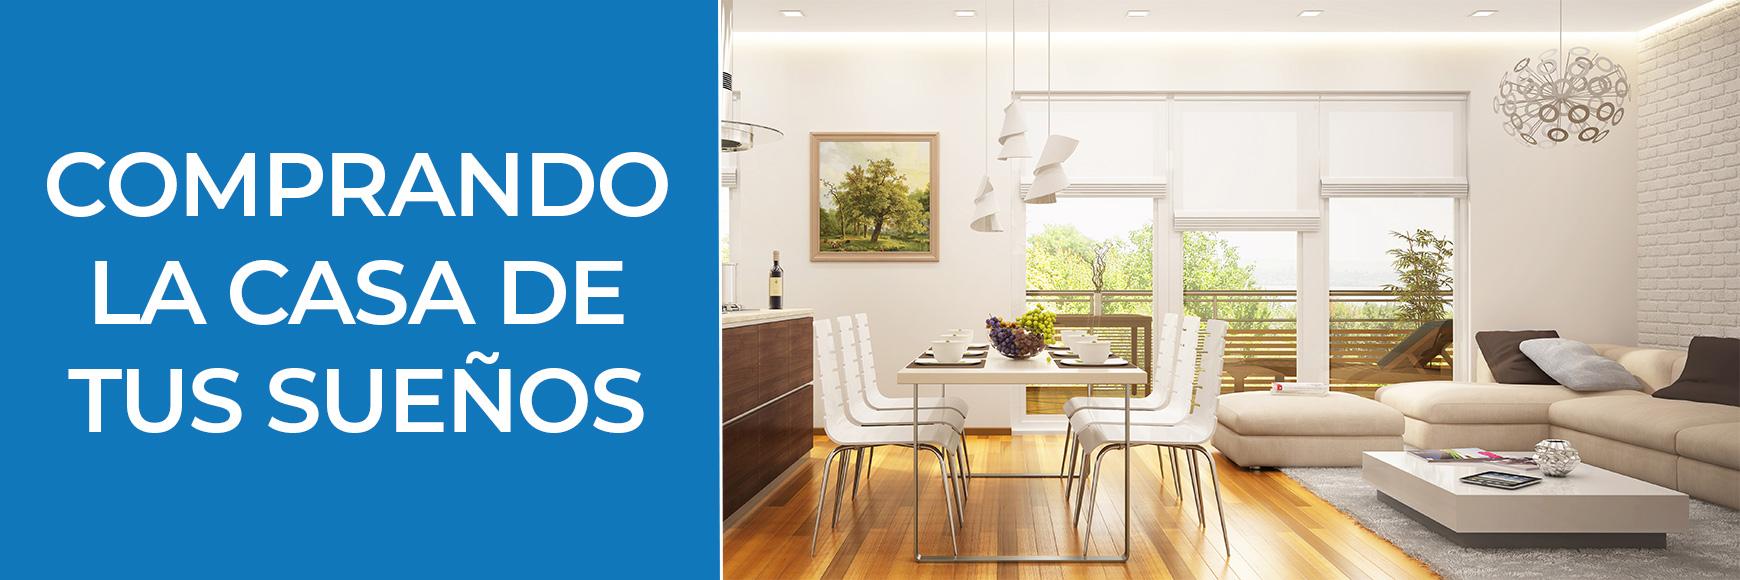 Comprando la casa de tus suenos-Banner-Orlando Homes Sales